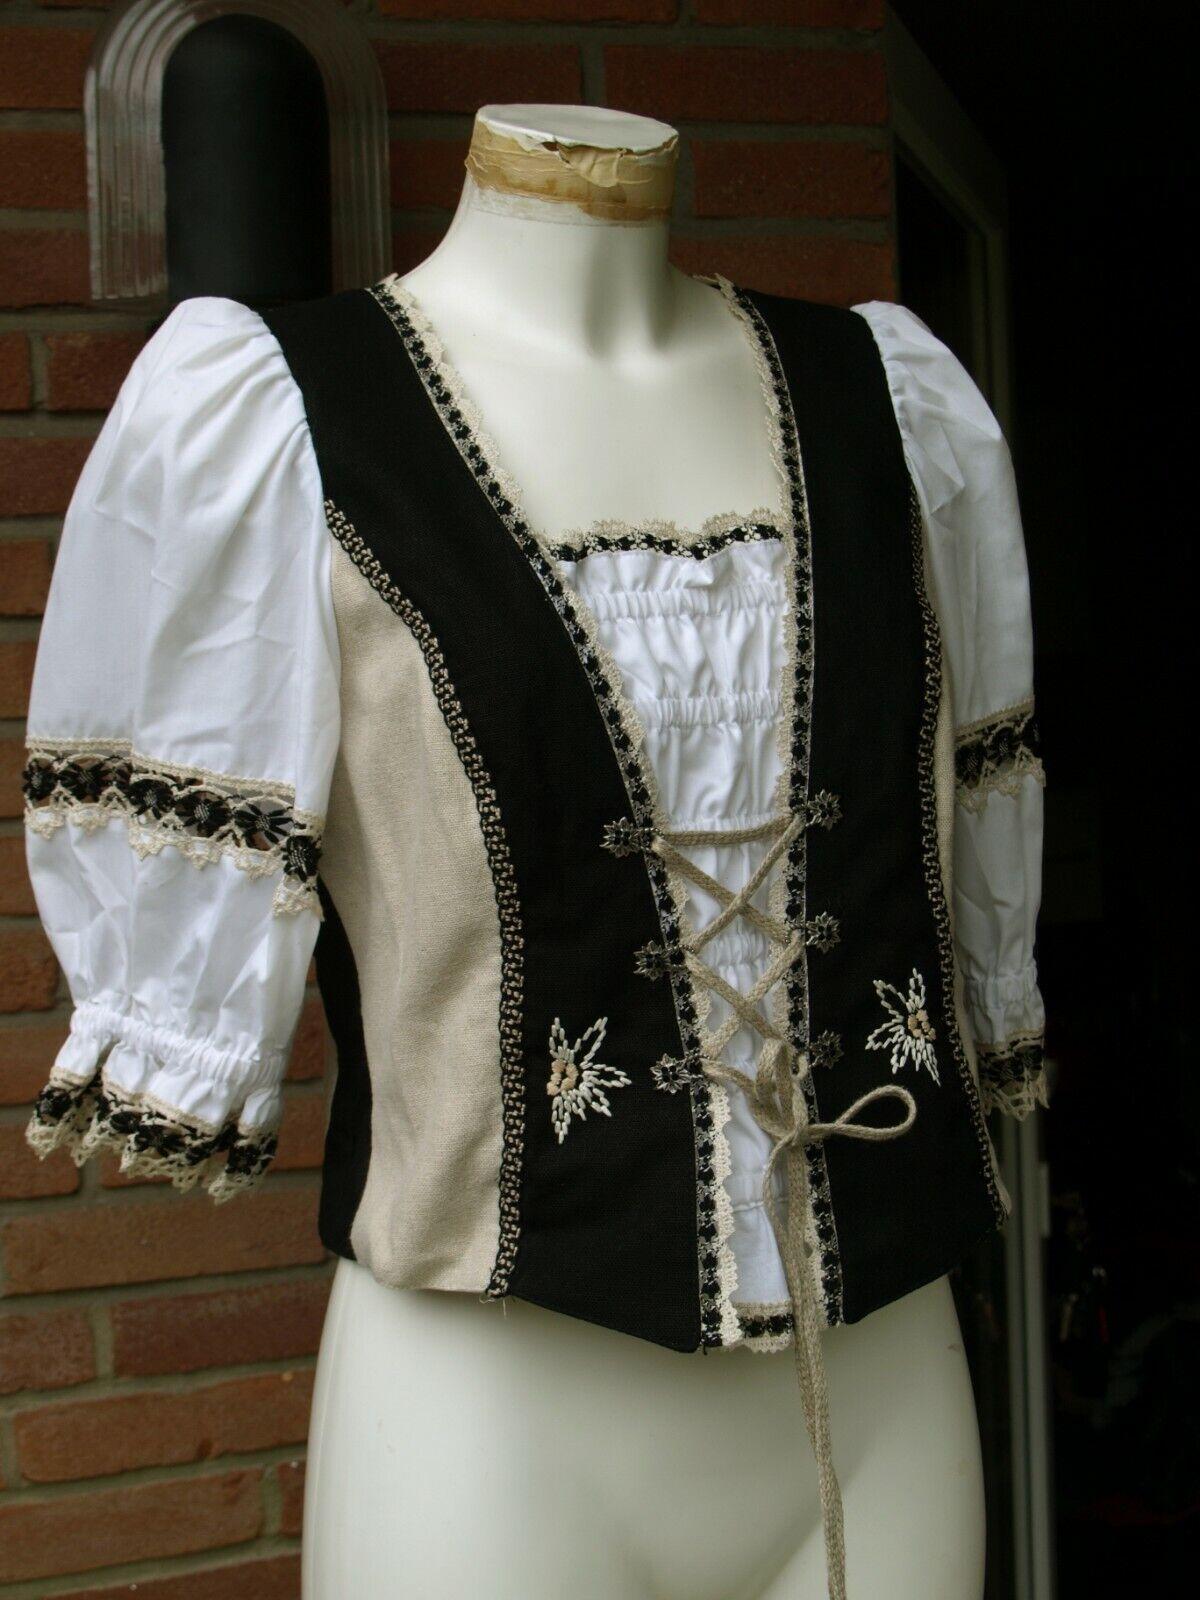 Landhaus Tolle beige/schwarz/weiße Leinen Trachten Bluse Gr. 38 neuwertig